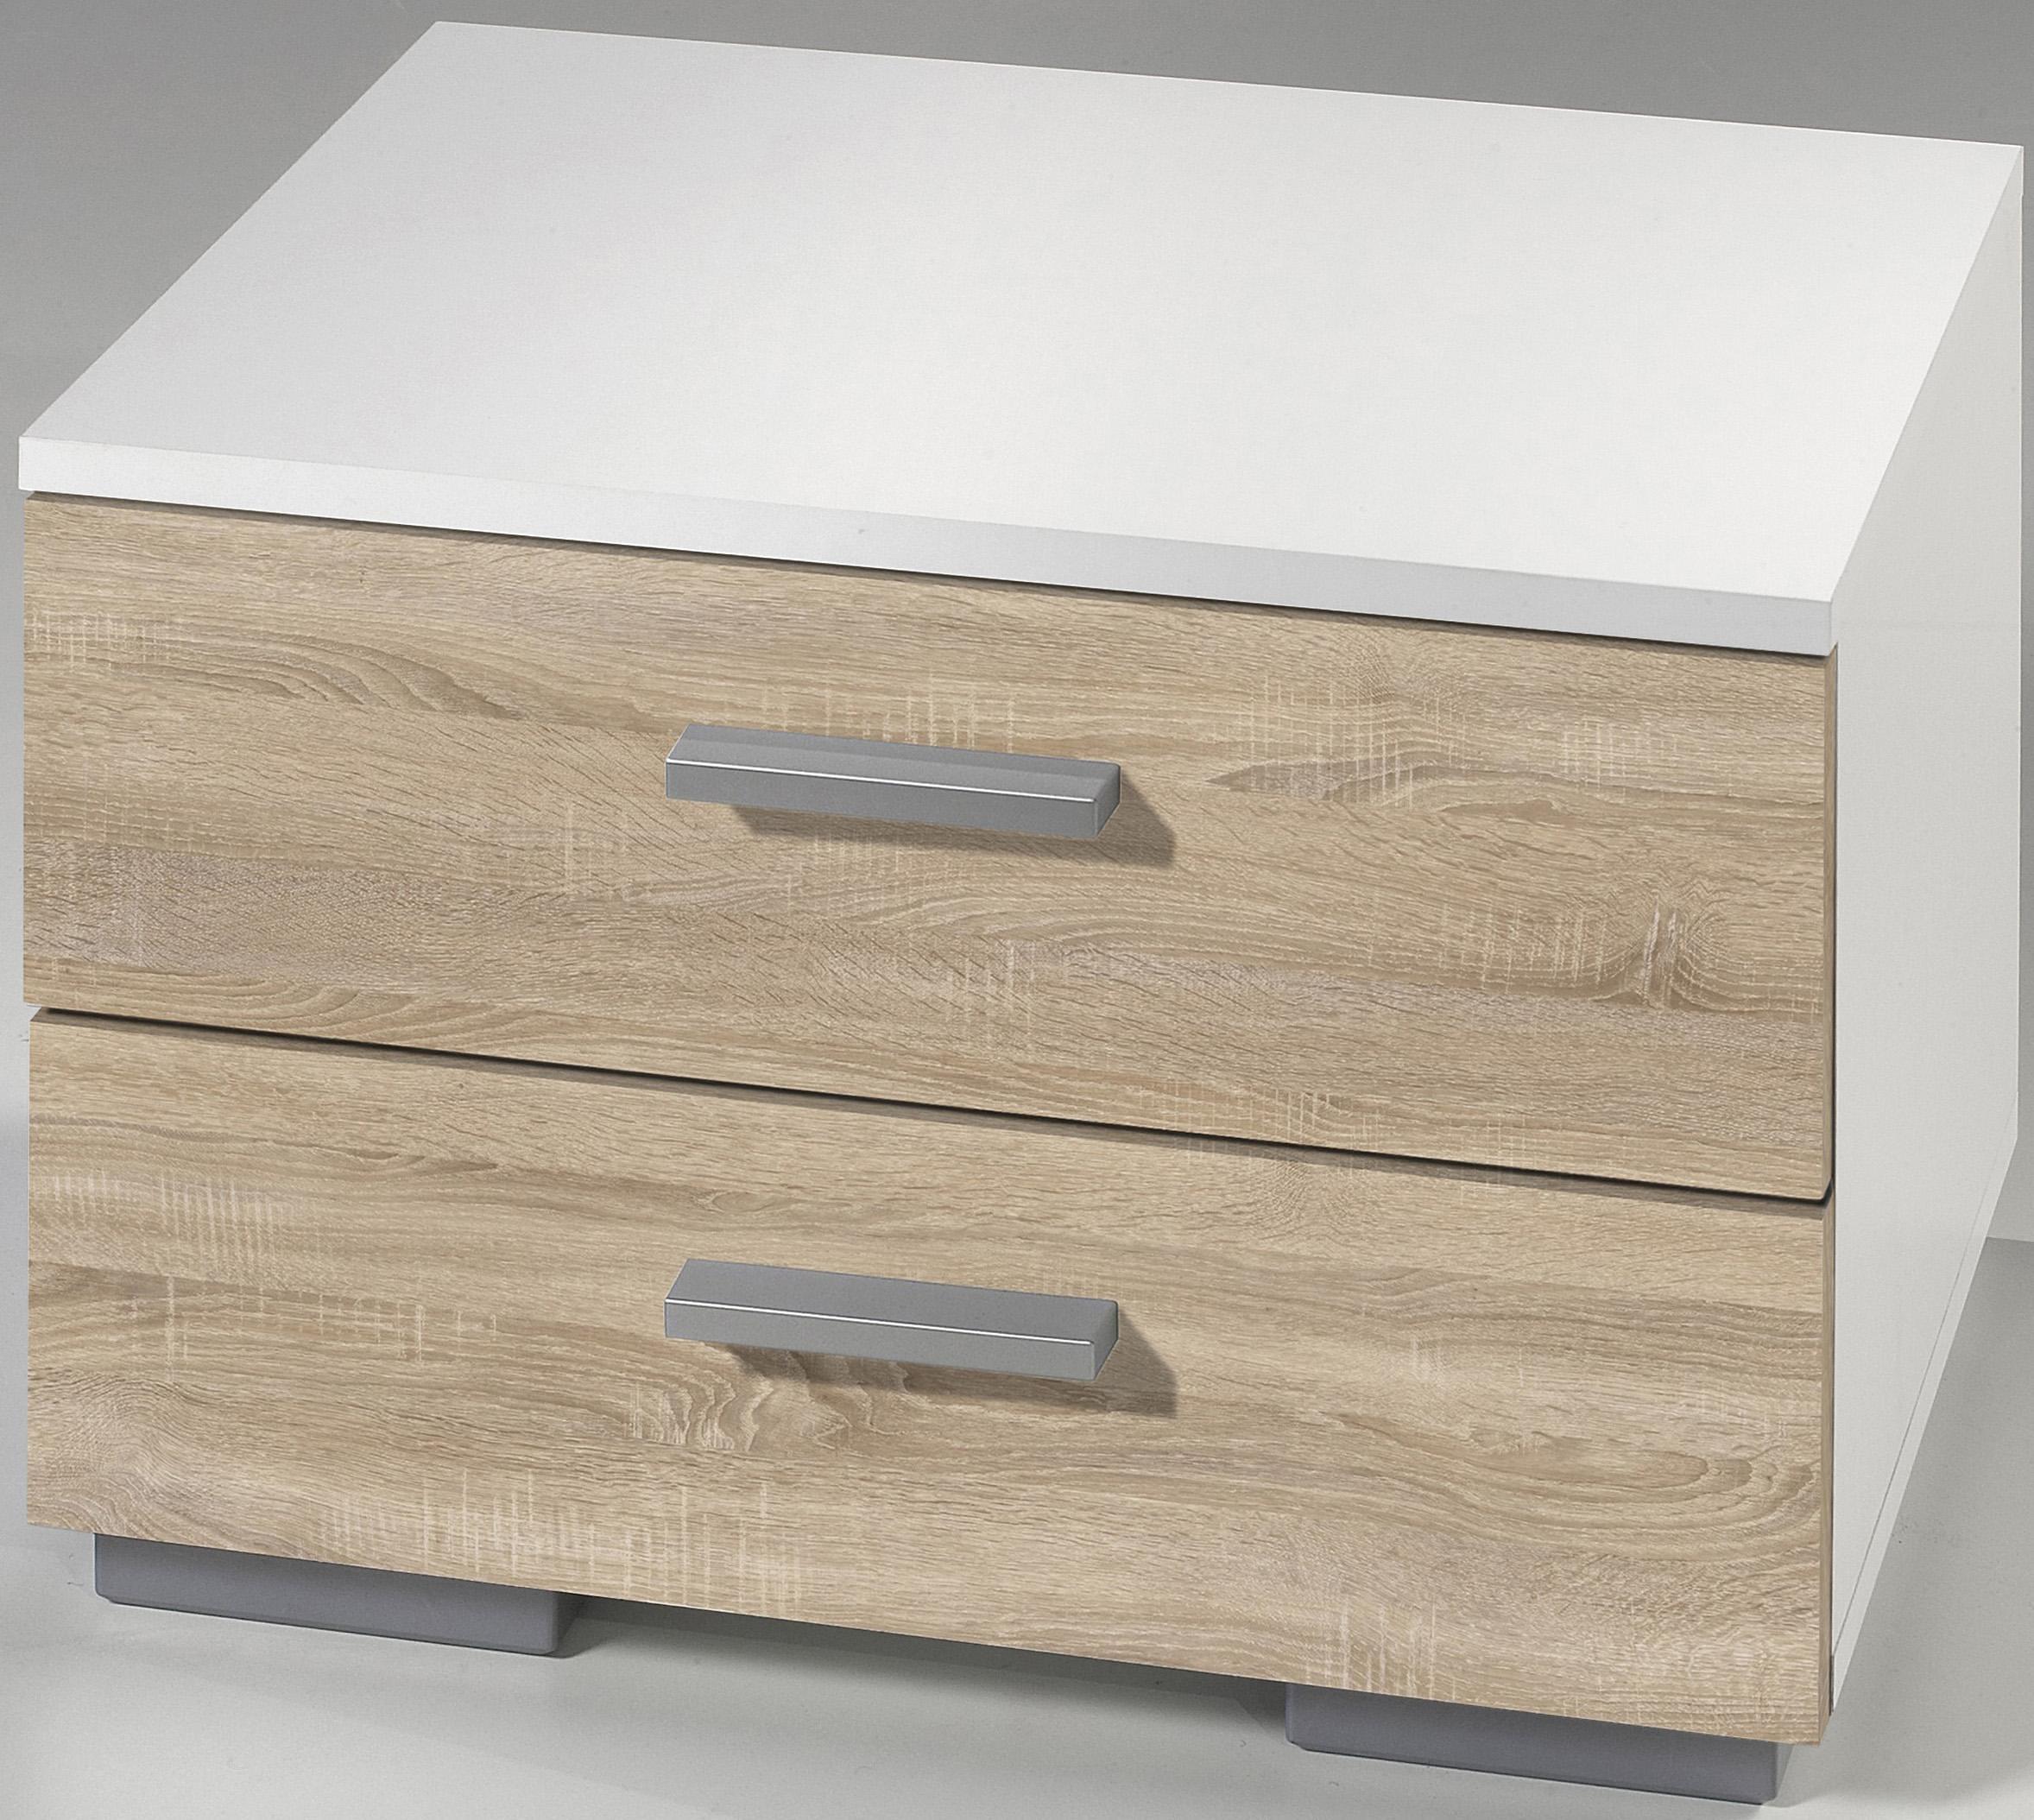 Super Goedkope nachtkastjes voor naast jouw bed vind je in onze webshop CS-05